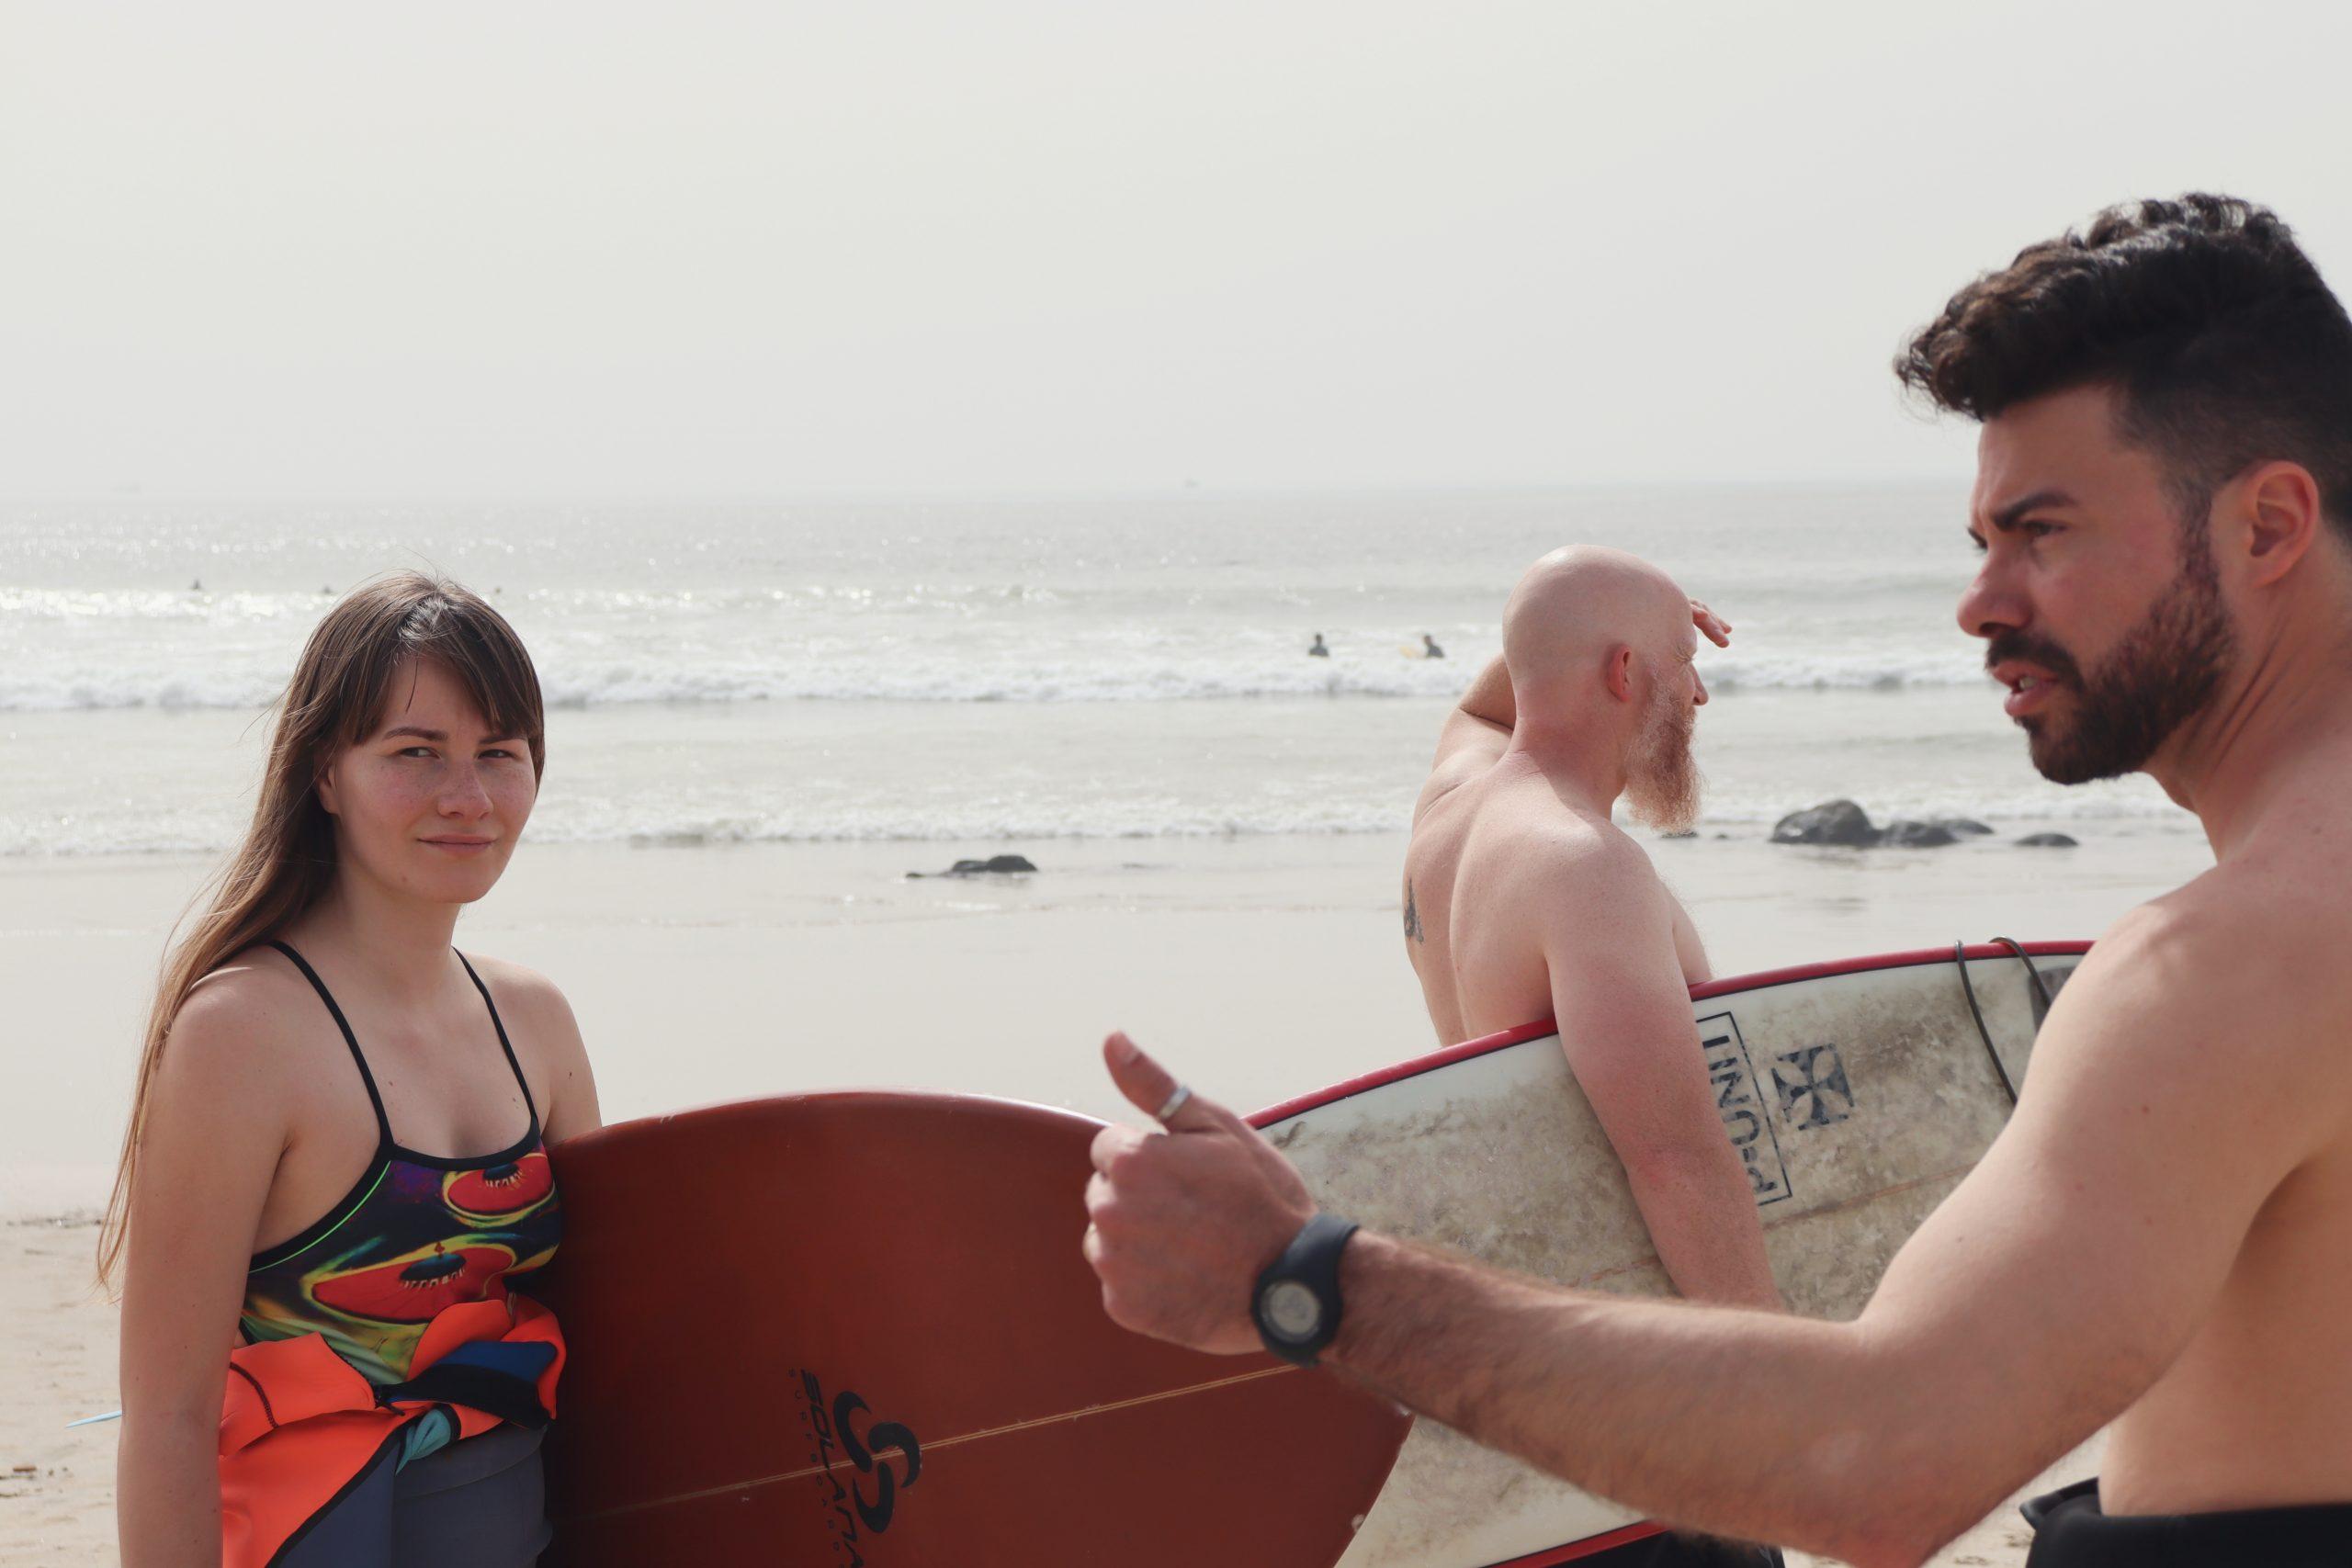 Os membros da Surf Church encontram-se regularmente na praia de Matosinhos para surfar